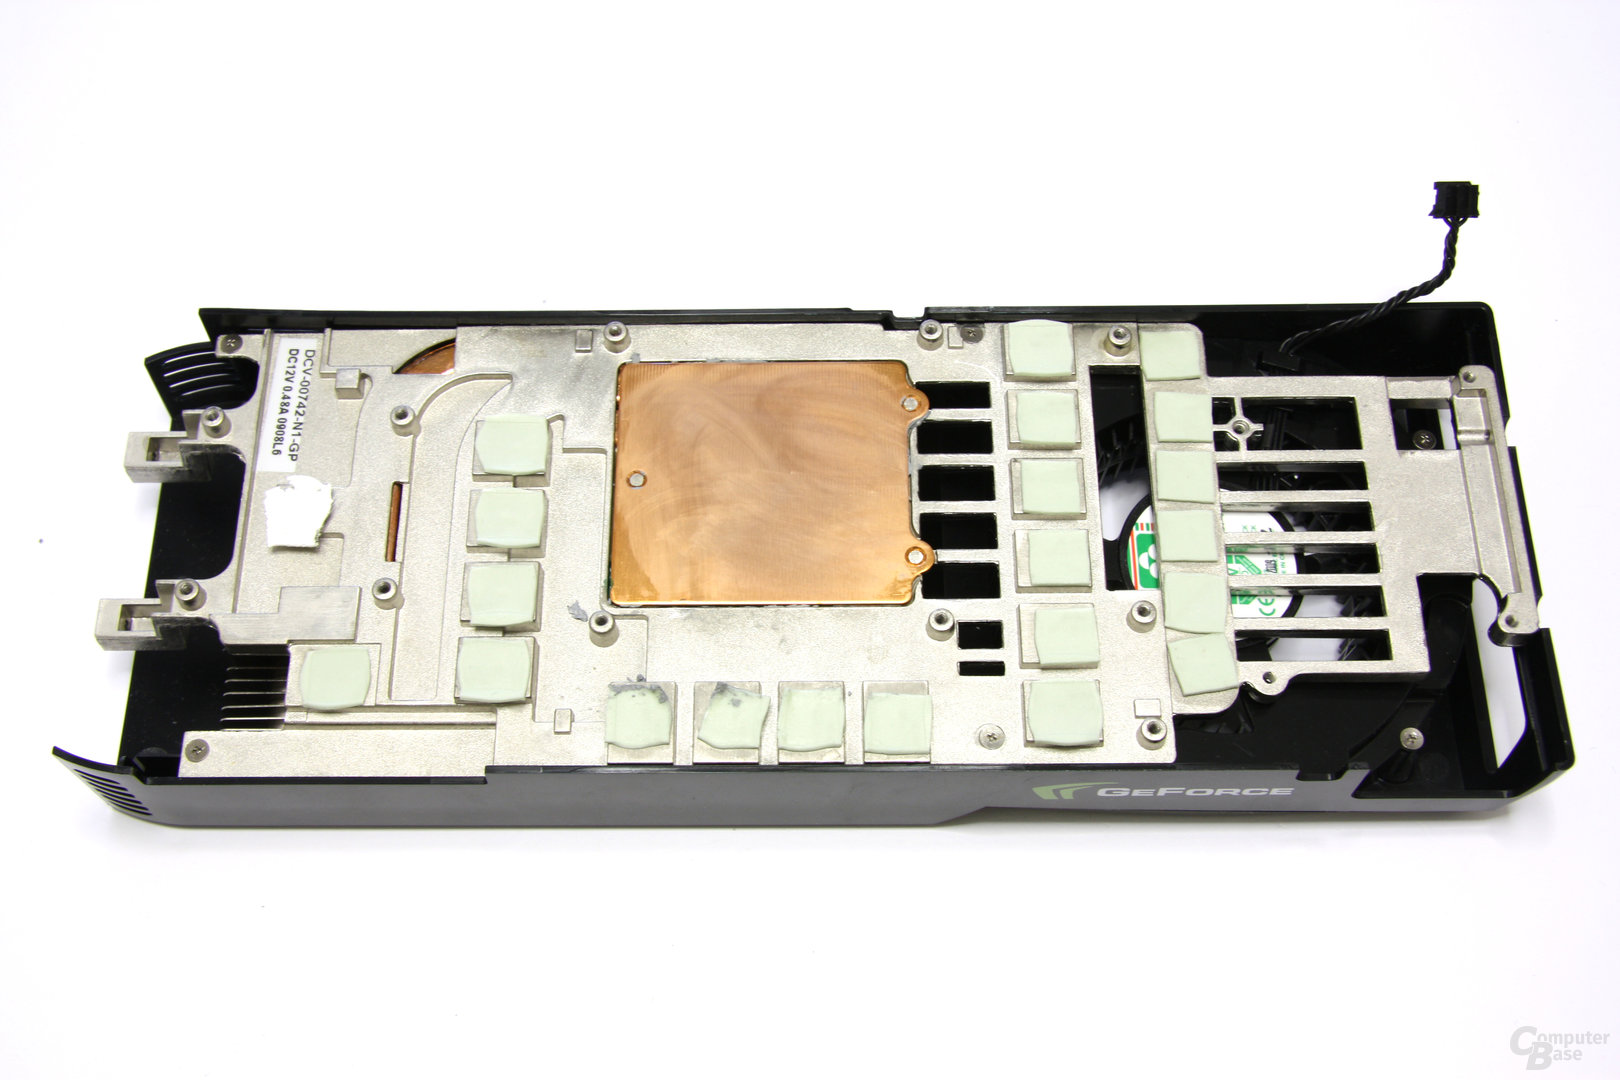 GeForce GTX 275 Kühlerrückseite